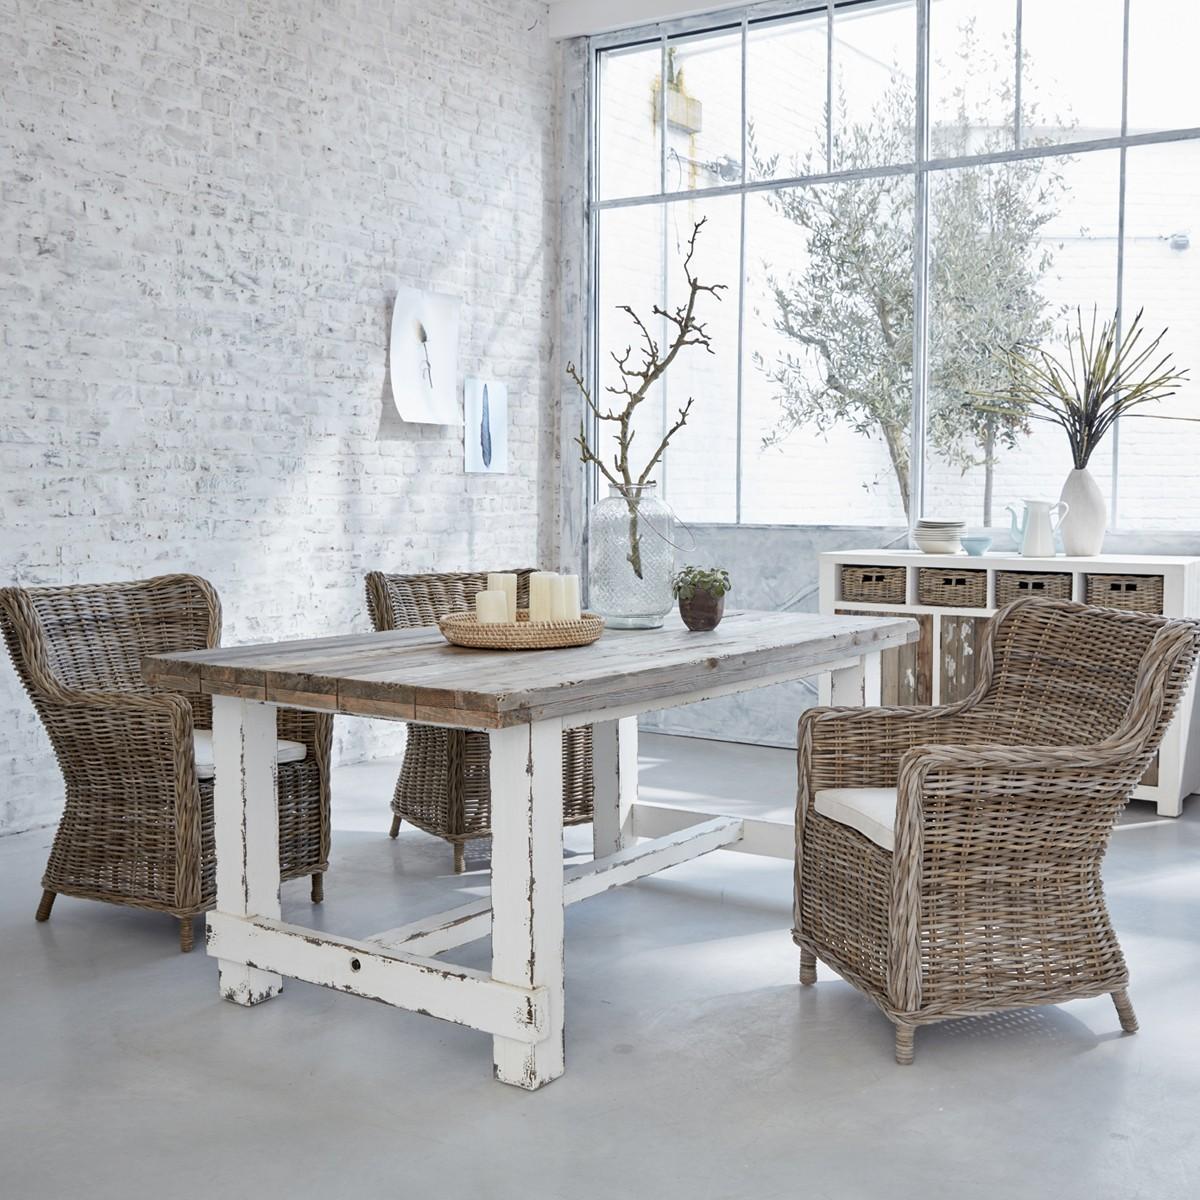 table en bois de pin recycl rectangulaire 10 personnes. Black Bedroom Furniture Sets. Home Design Ideas